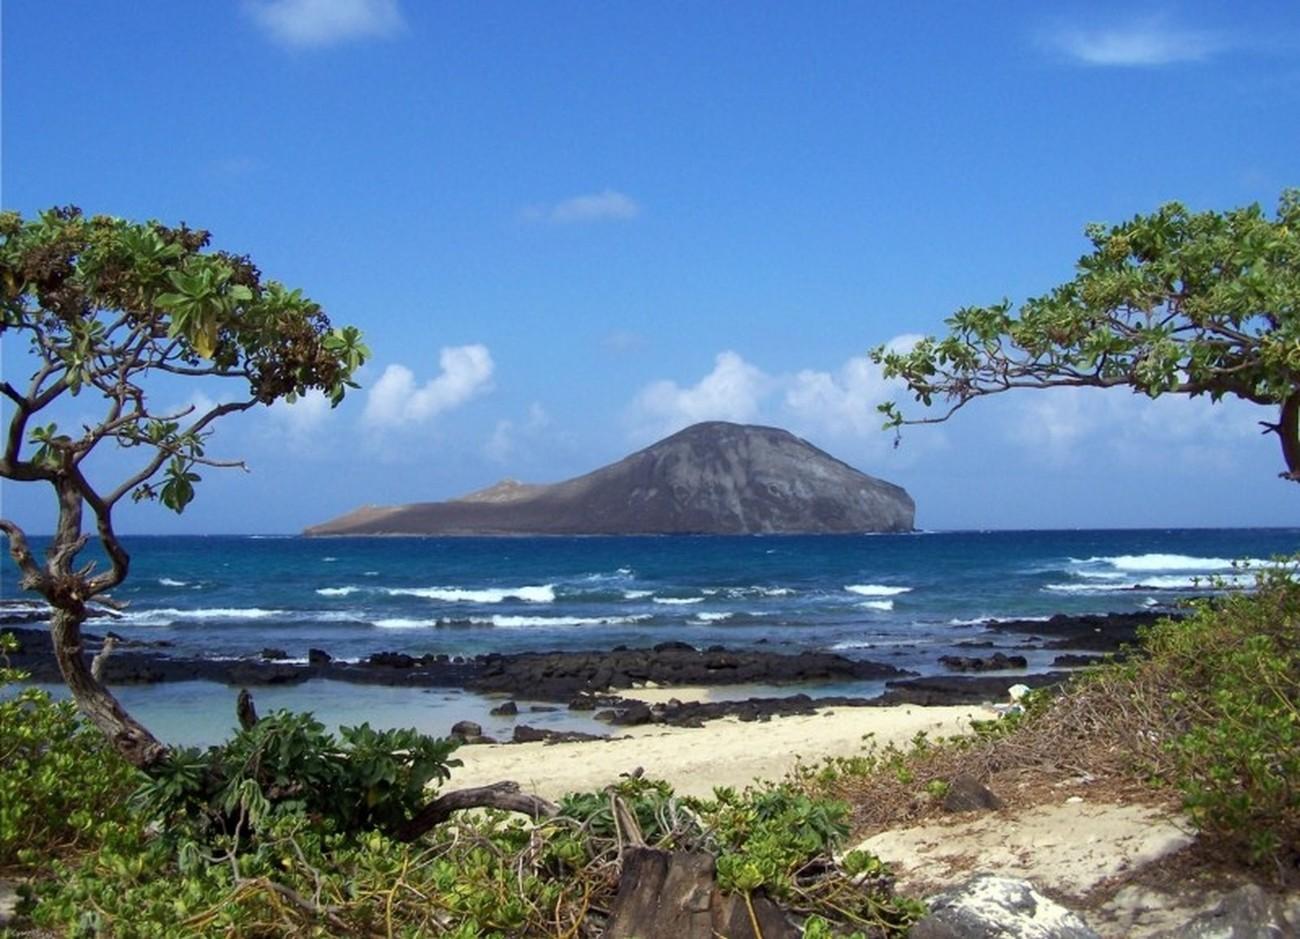 Rabbit island off the coast of Hawaii.